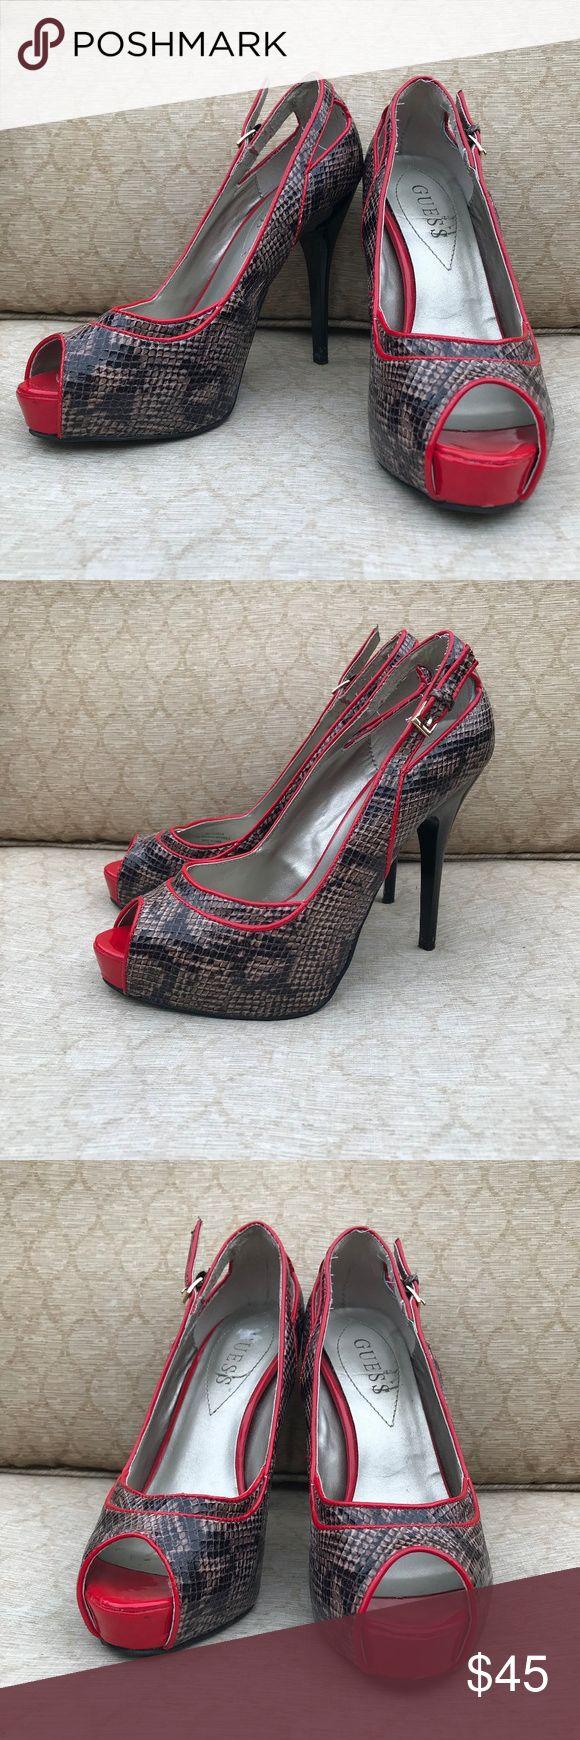 Guess Faux Snakeskin Red High Heel Pumps Diese Schuhe sind gebraucht und zeigen einige …